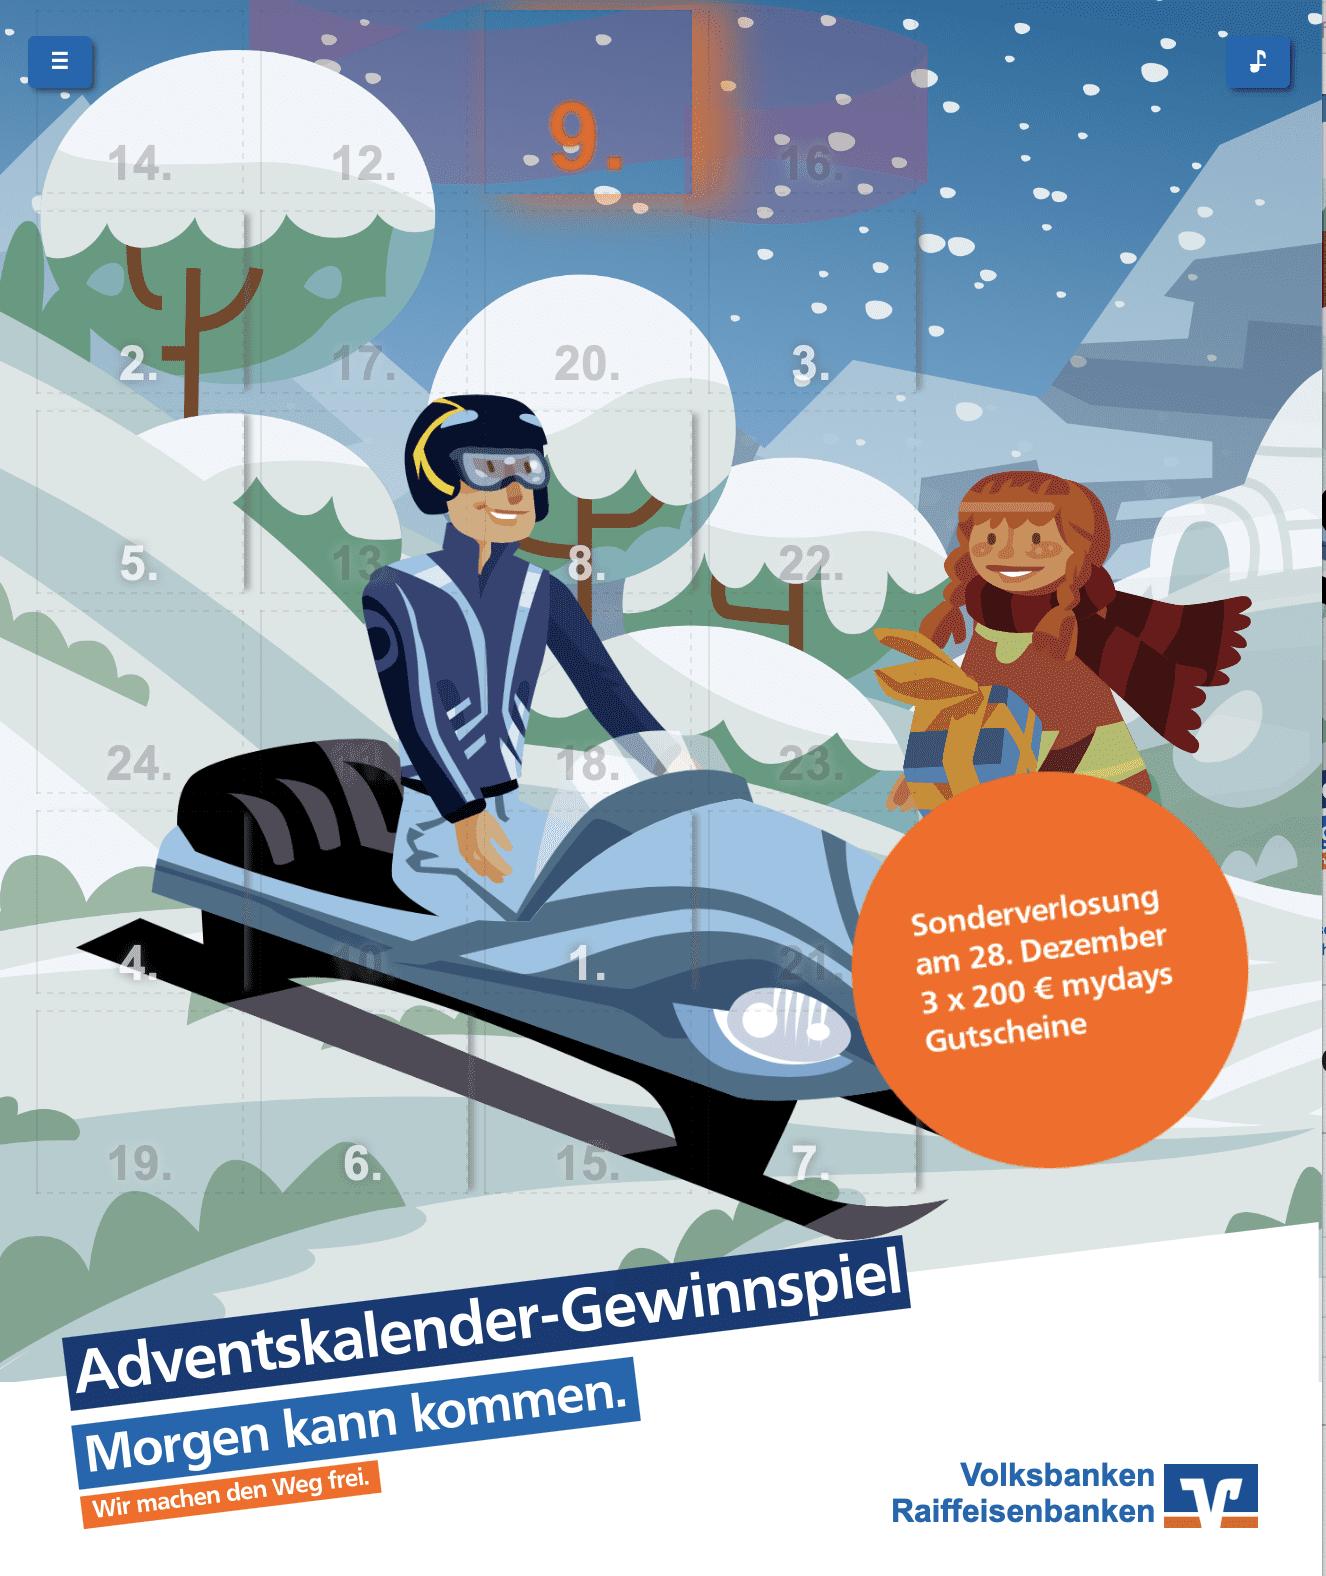 Volksbank Raiffeisenbank Cases Adventskalender-Gewinnspiel